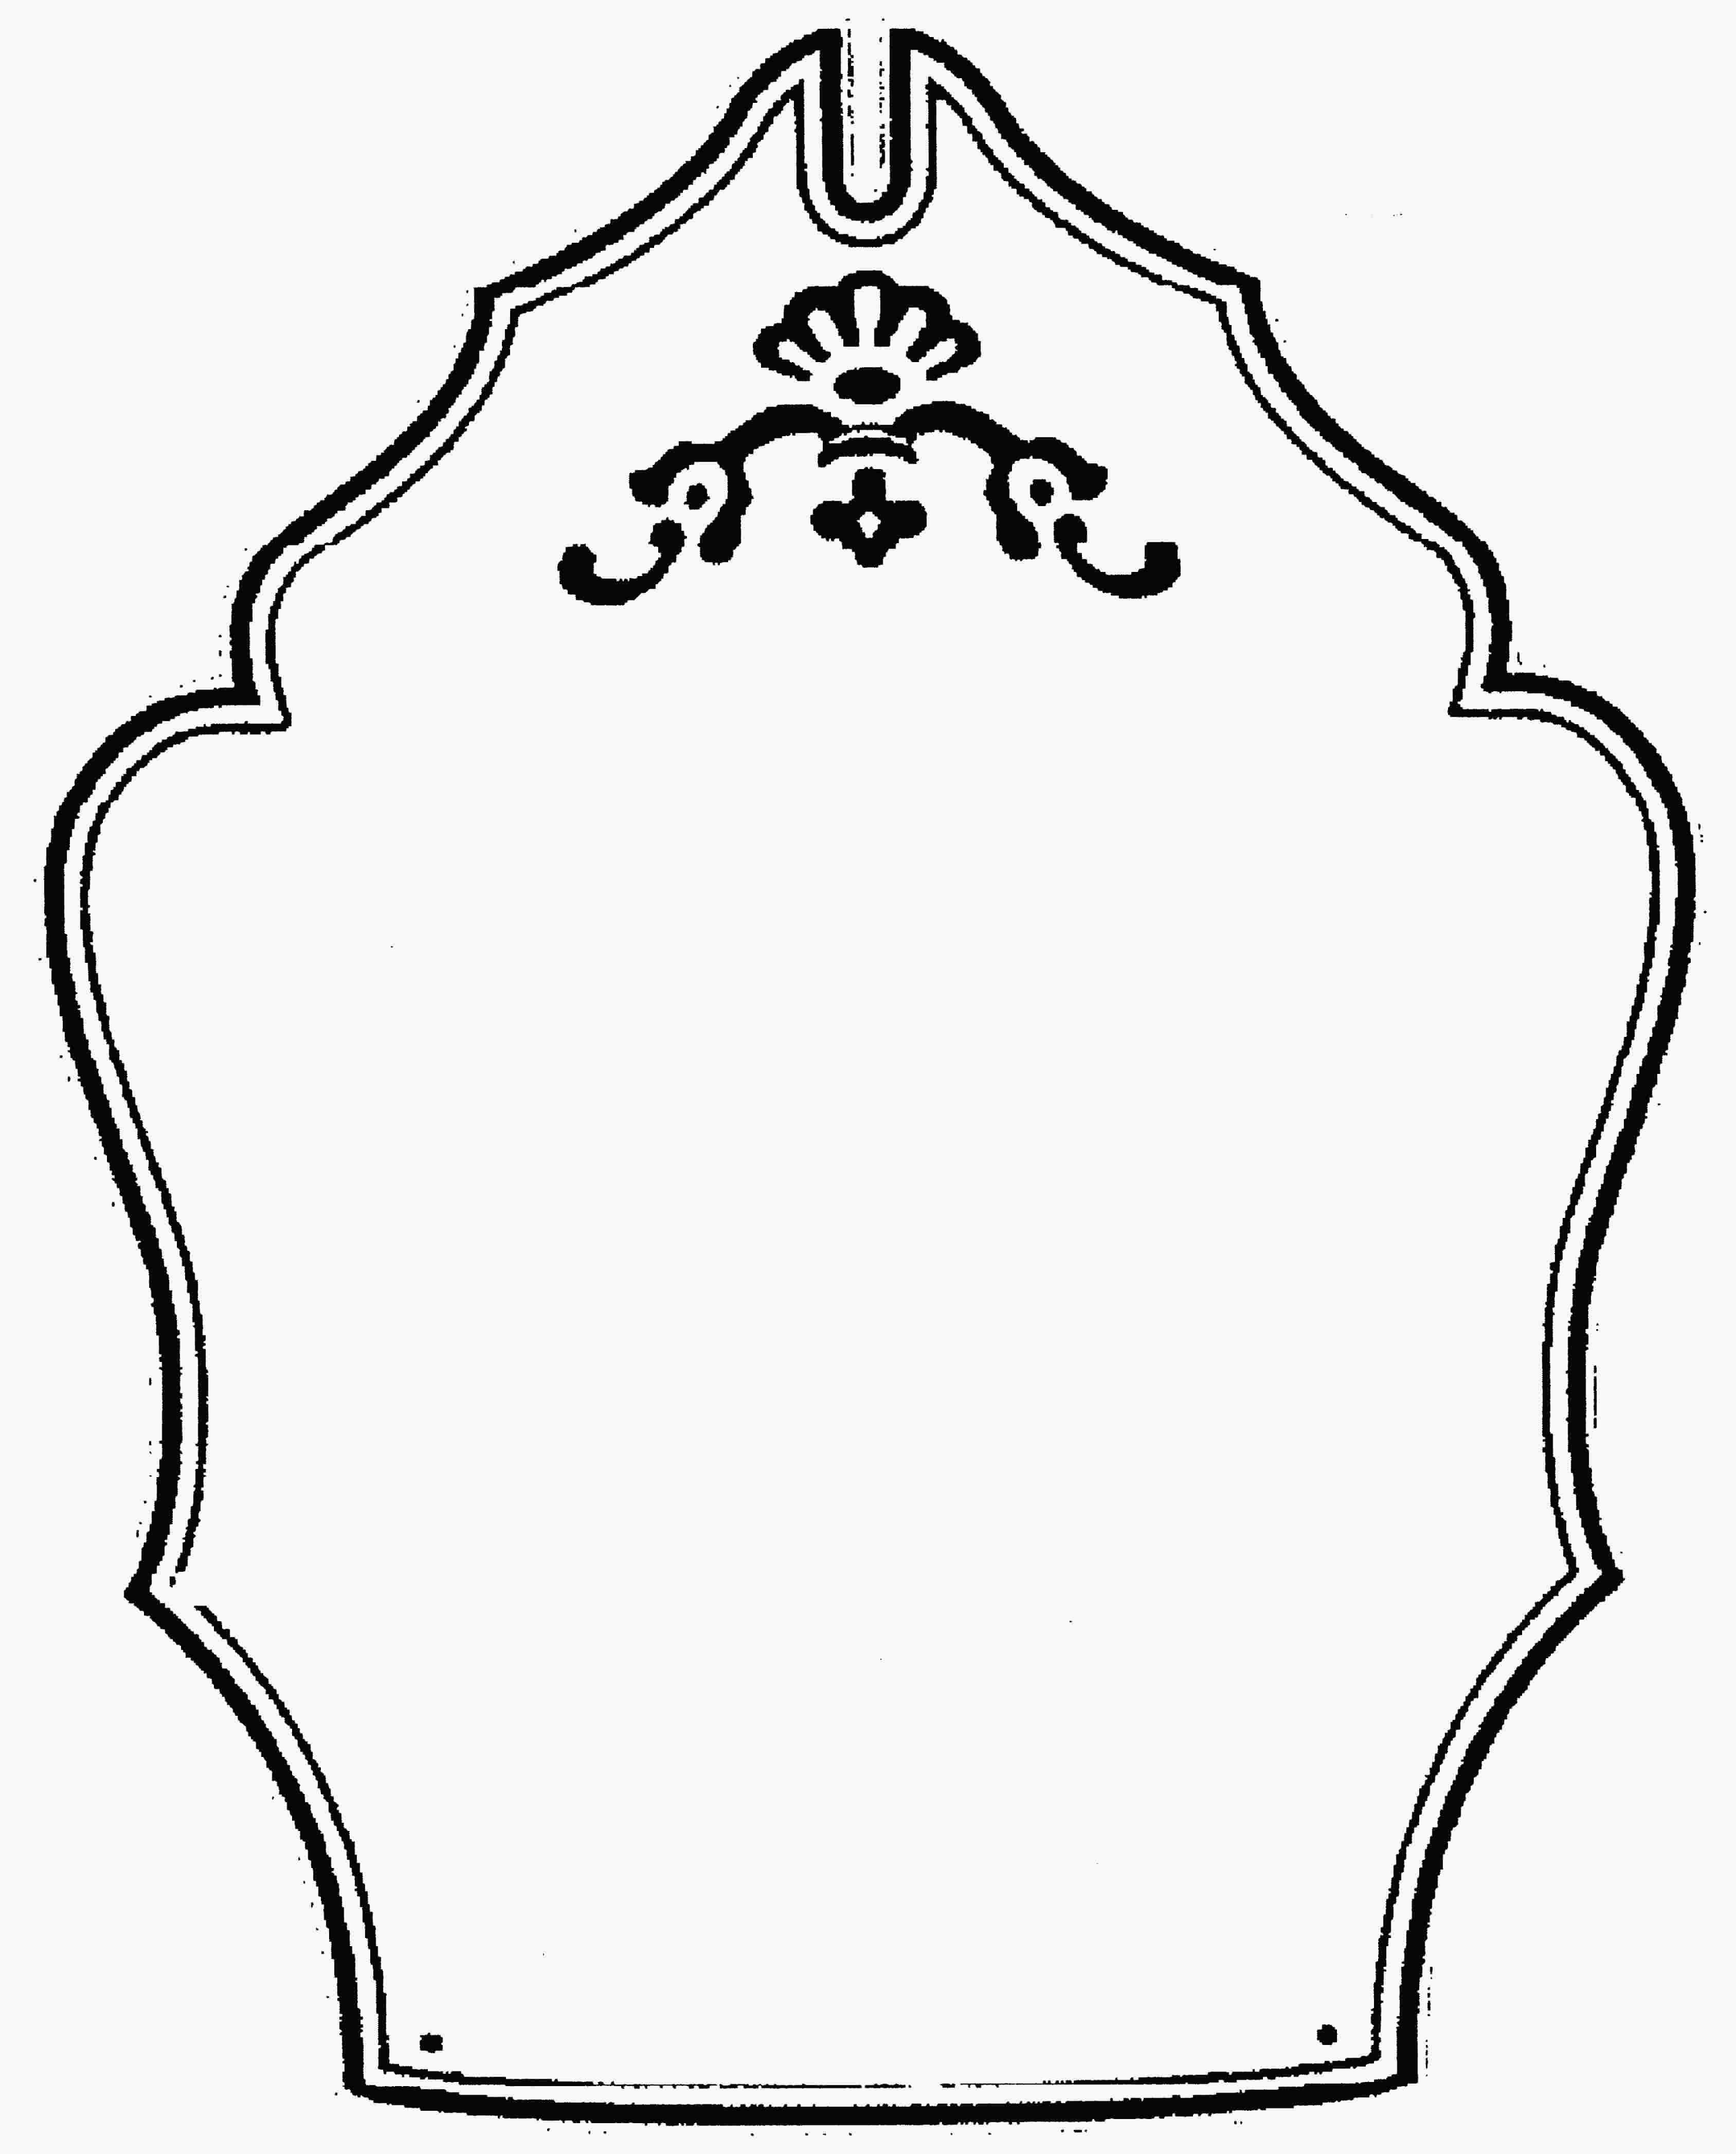 blank shield logo blank shield template clip art free